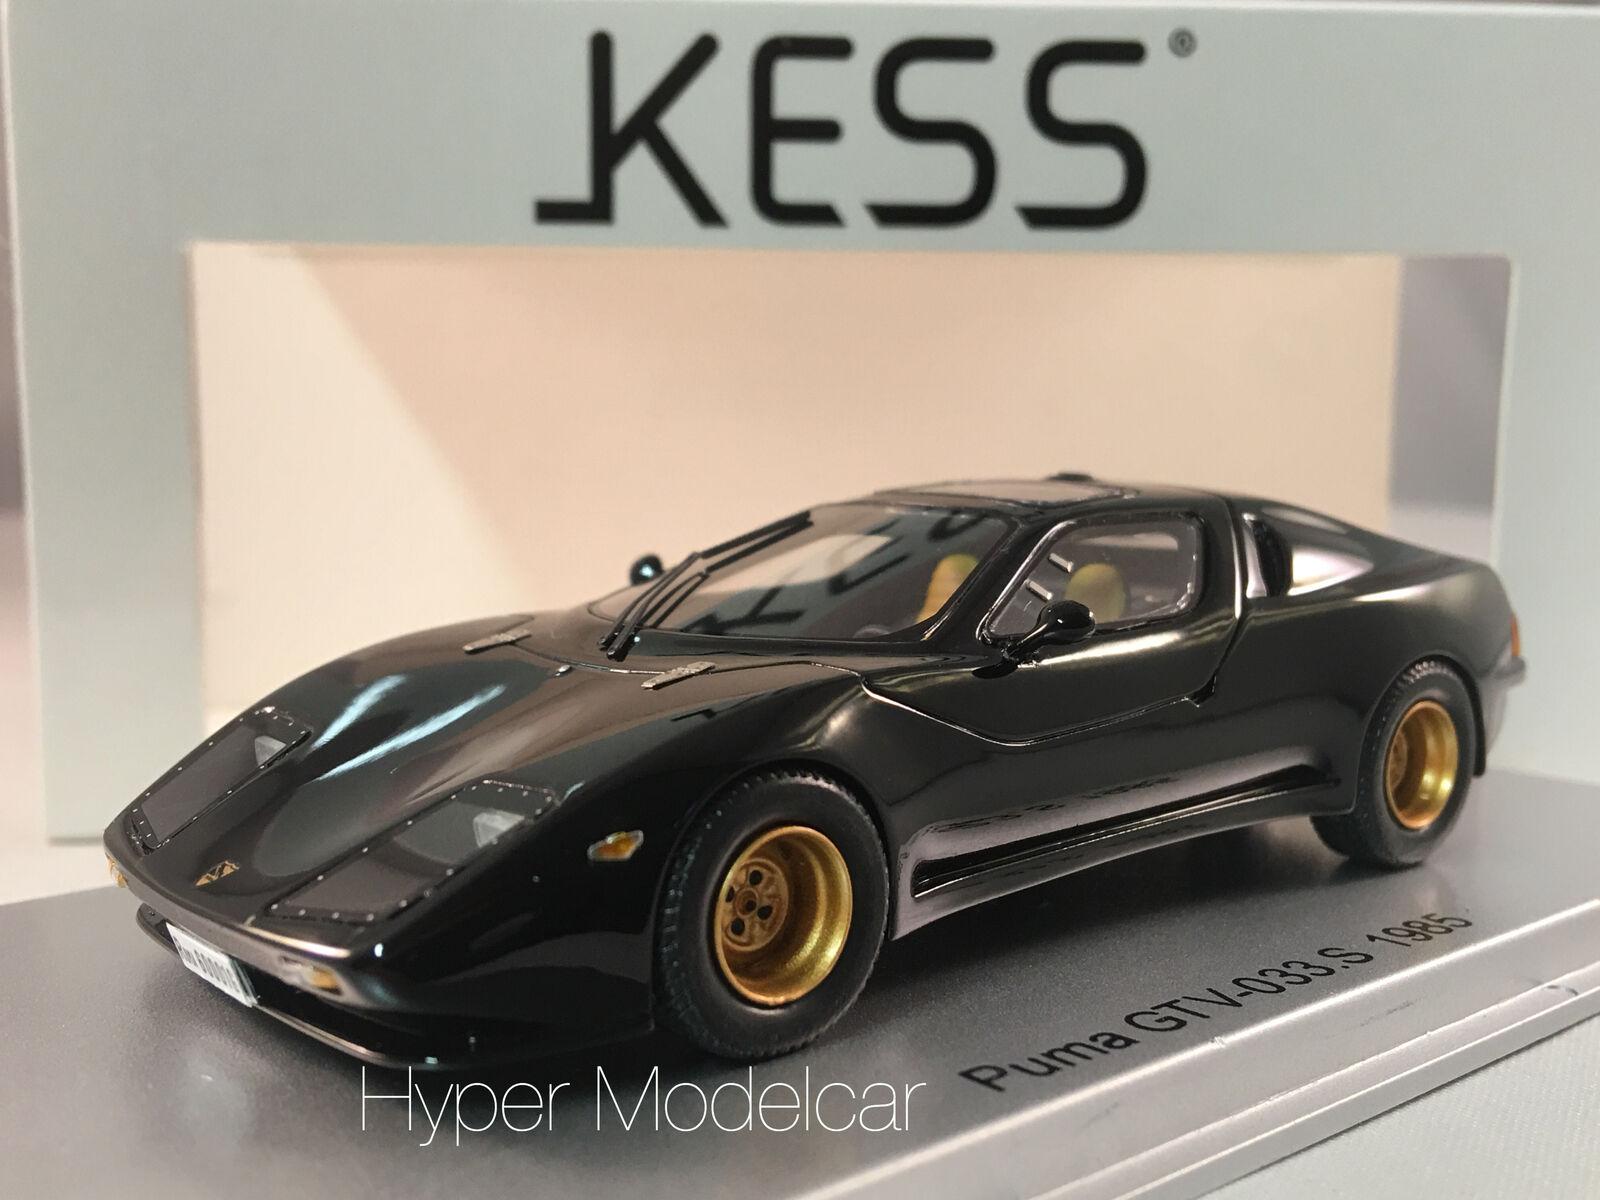 KESS MODEL 1 43 PUMA GTV 033 S ENGINE ALFA ROMEO 1985 nero ART. KE43016000